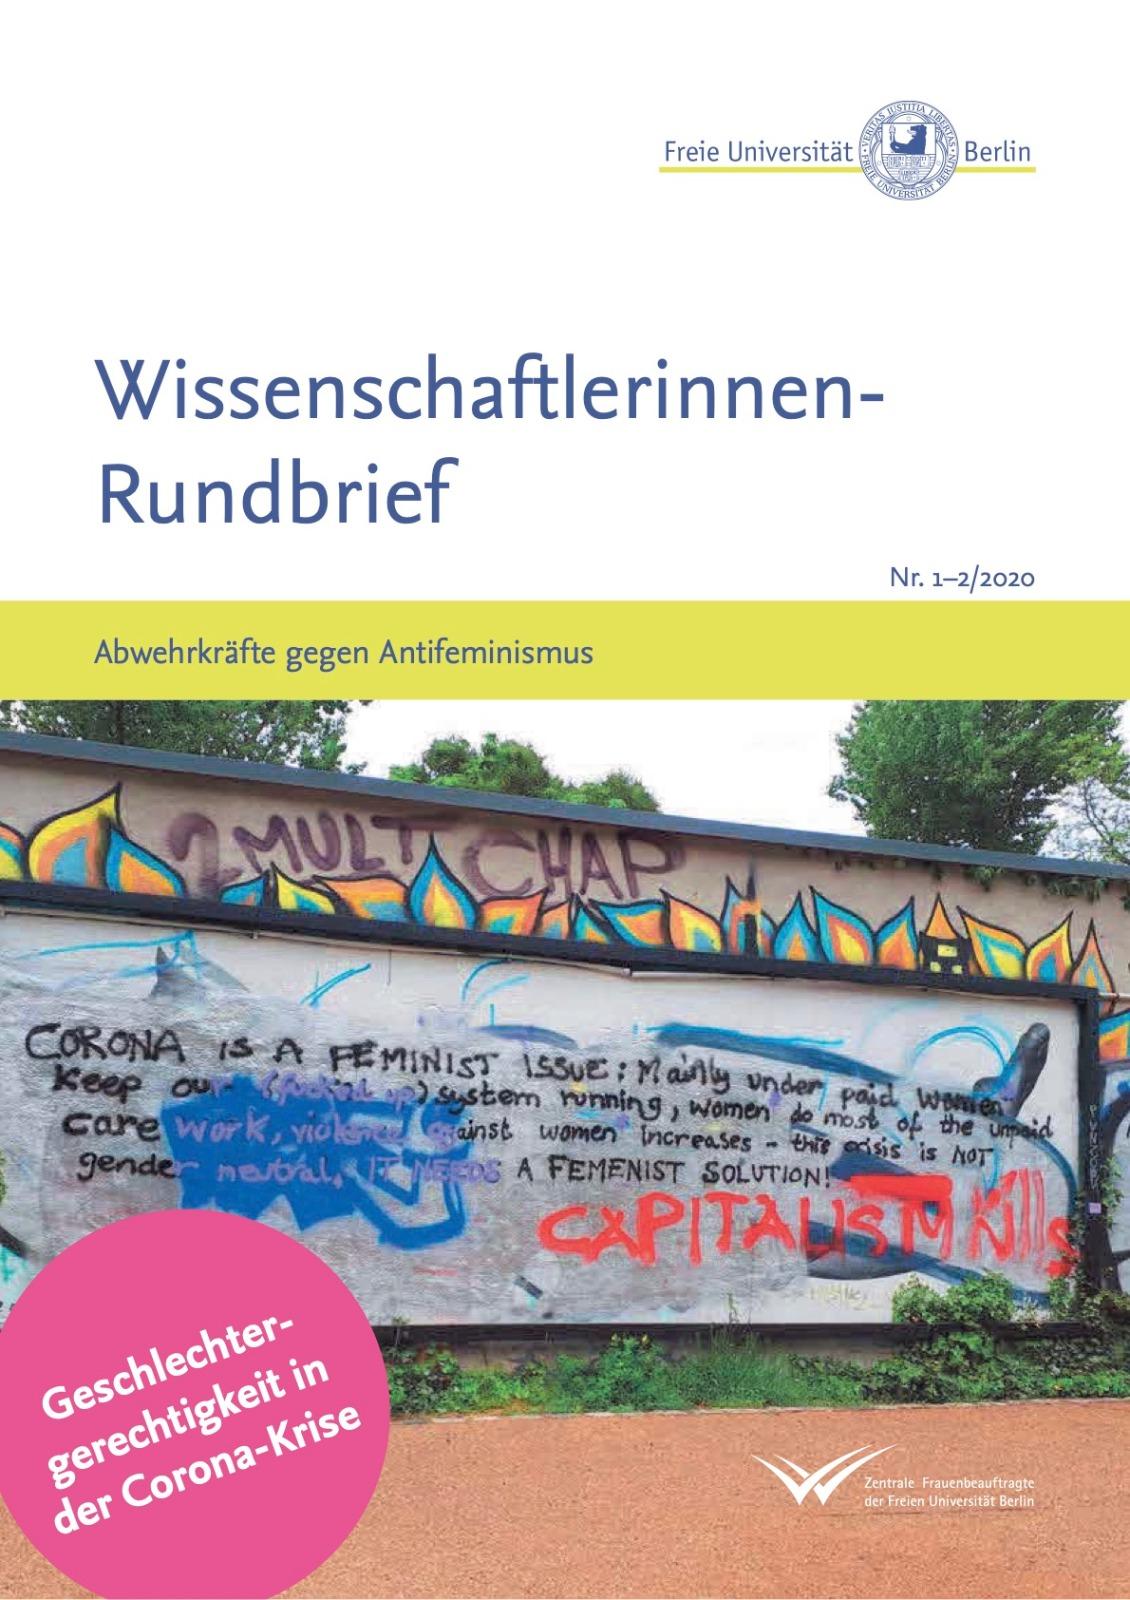 """""""Abwehrkräfte gegen Antifeminismus"""" – Neuer Wissenschaftlerinnen-Rundbrief erschienen!"""